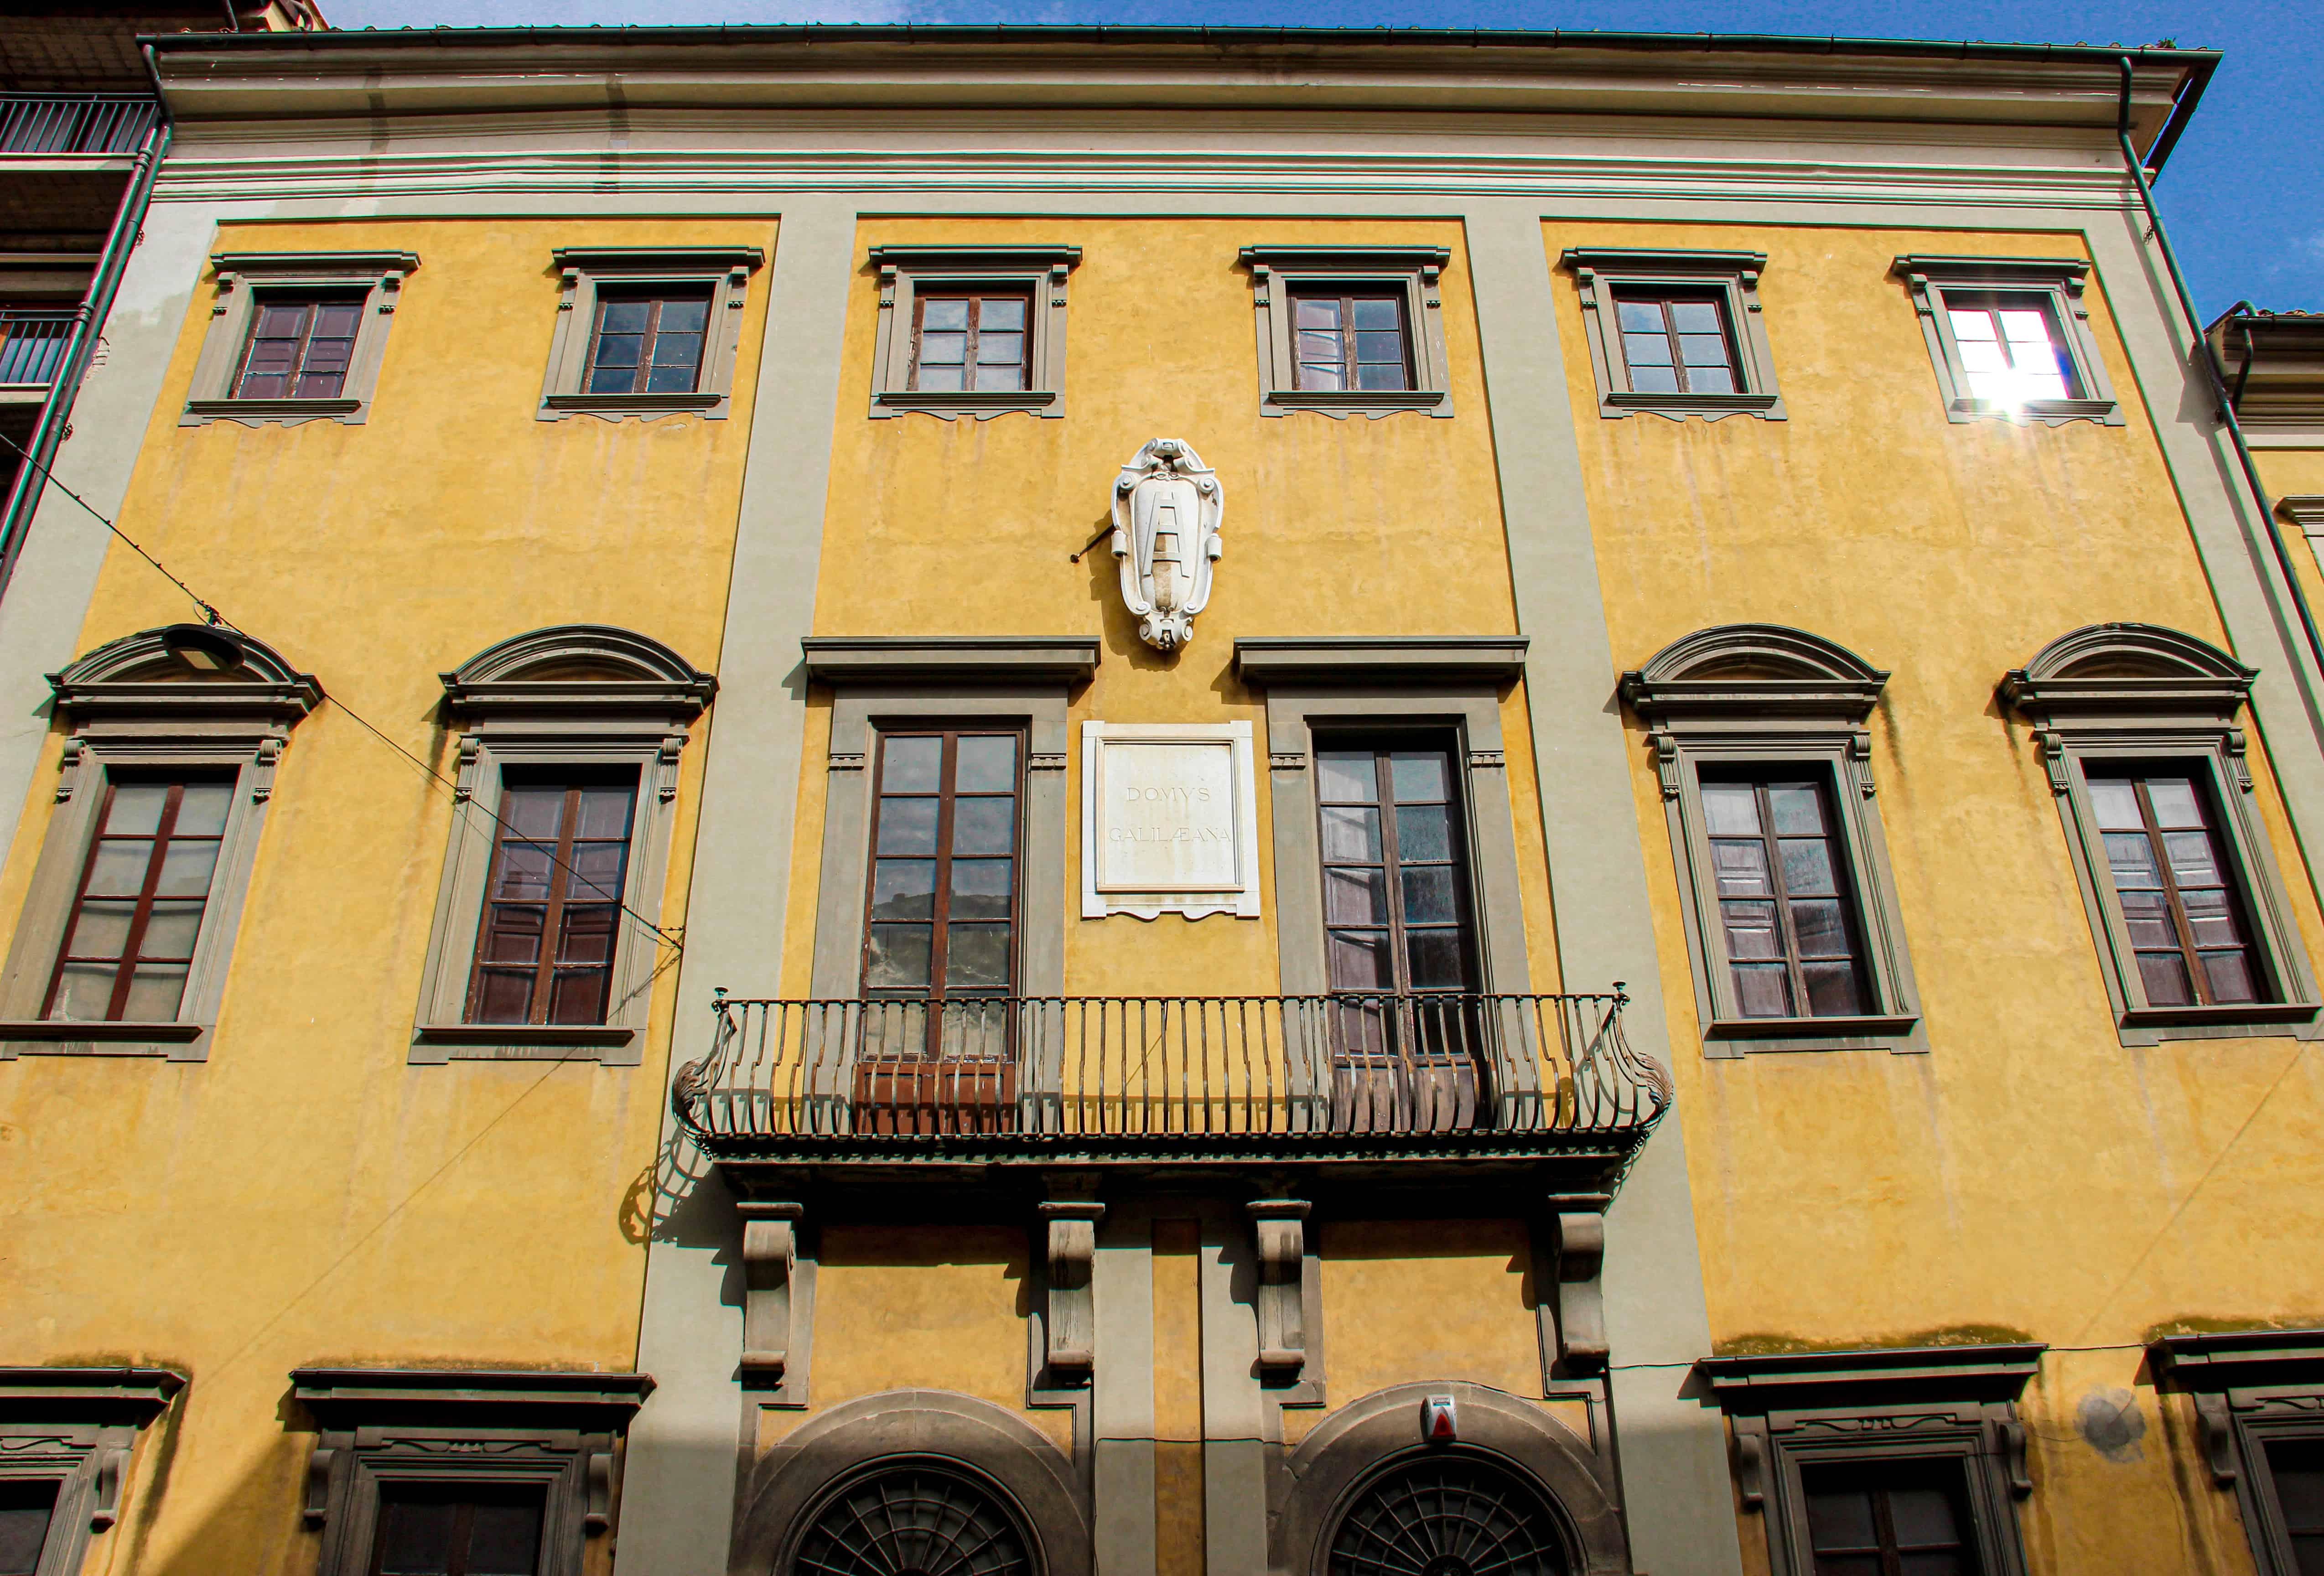 Edificio Domus Galilaeana